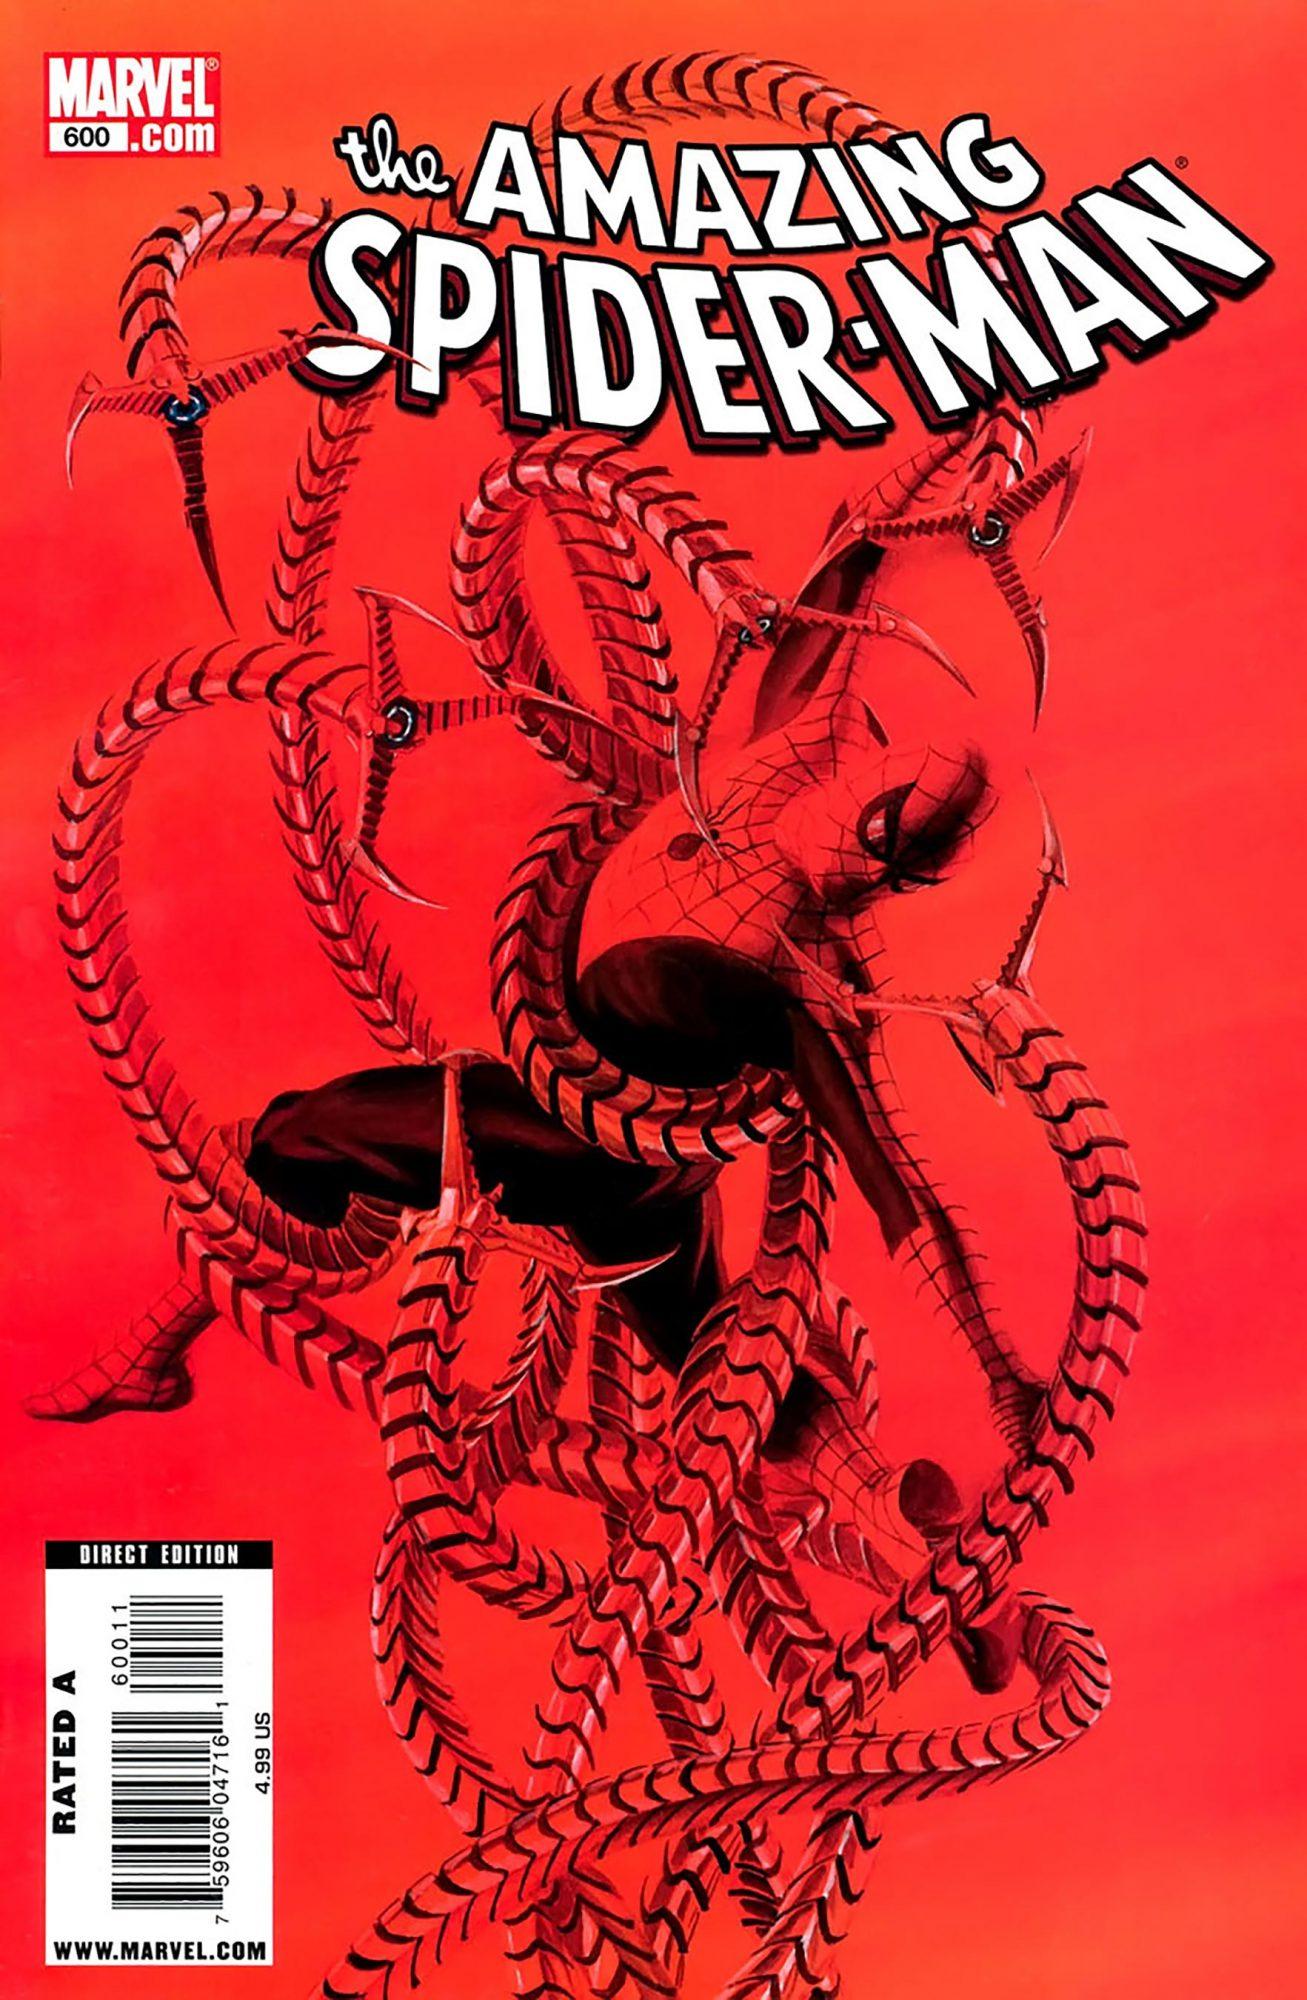 Amazing Spider-Man #600Artist: Alex Ross, 2009